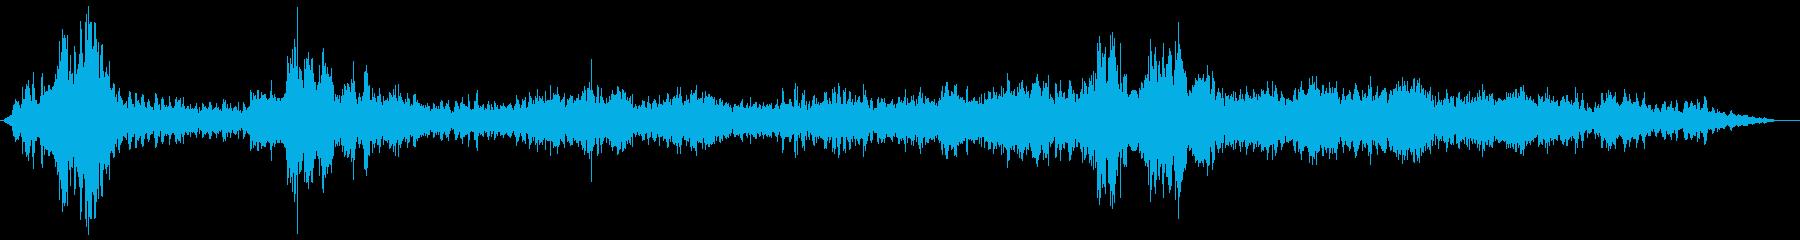 【ホラー 映画 ゲーム】不文律 シーンの再生済みの波形